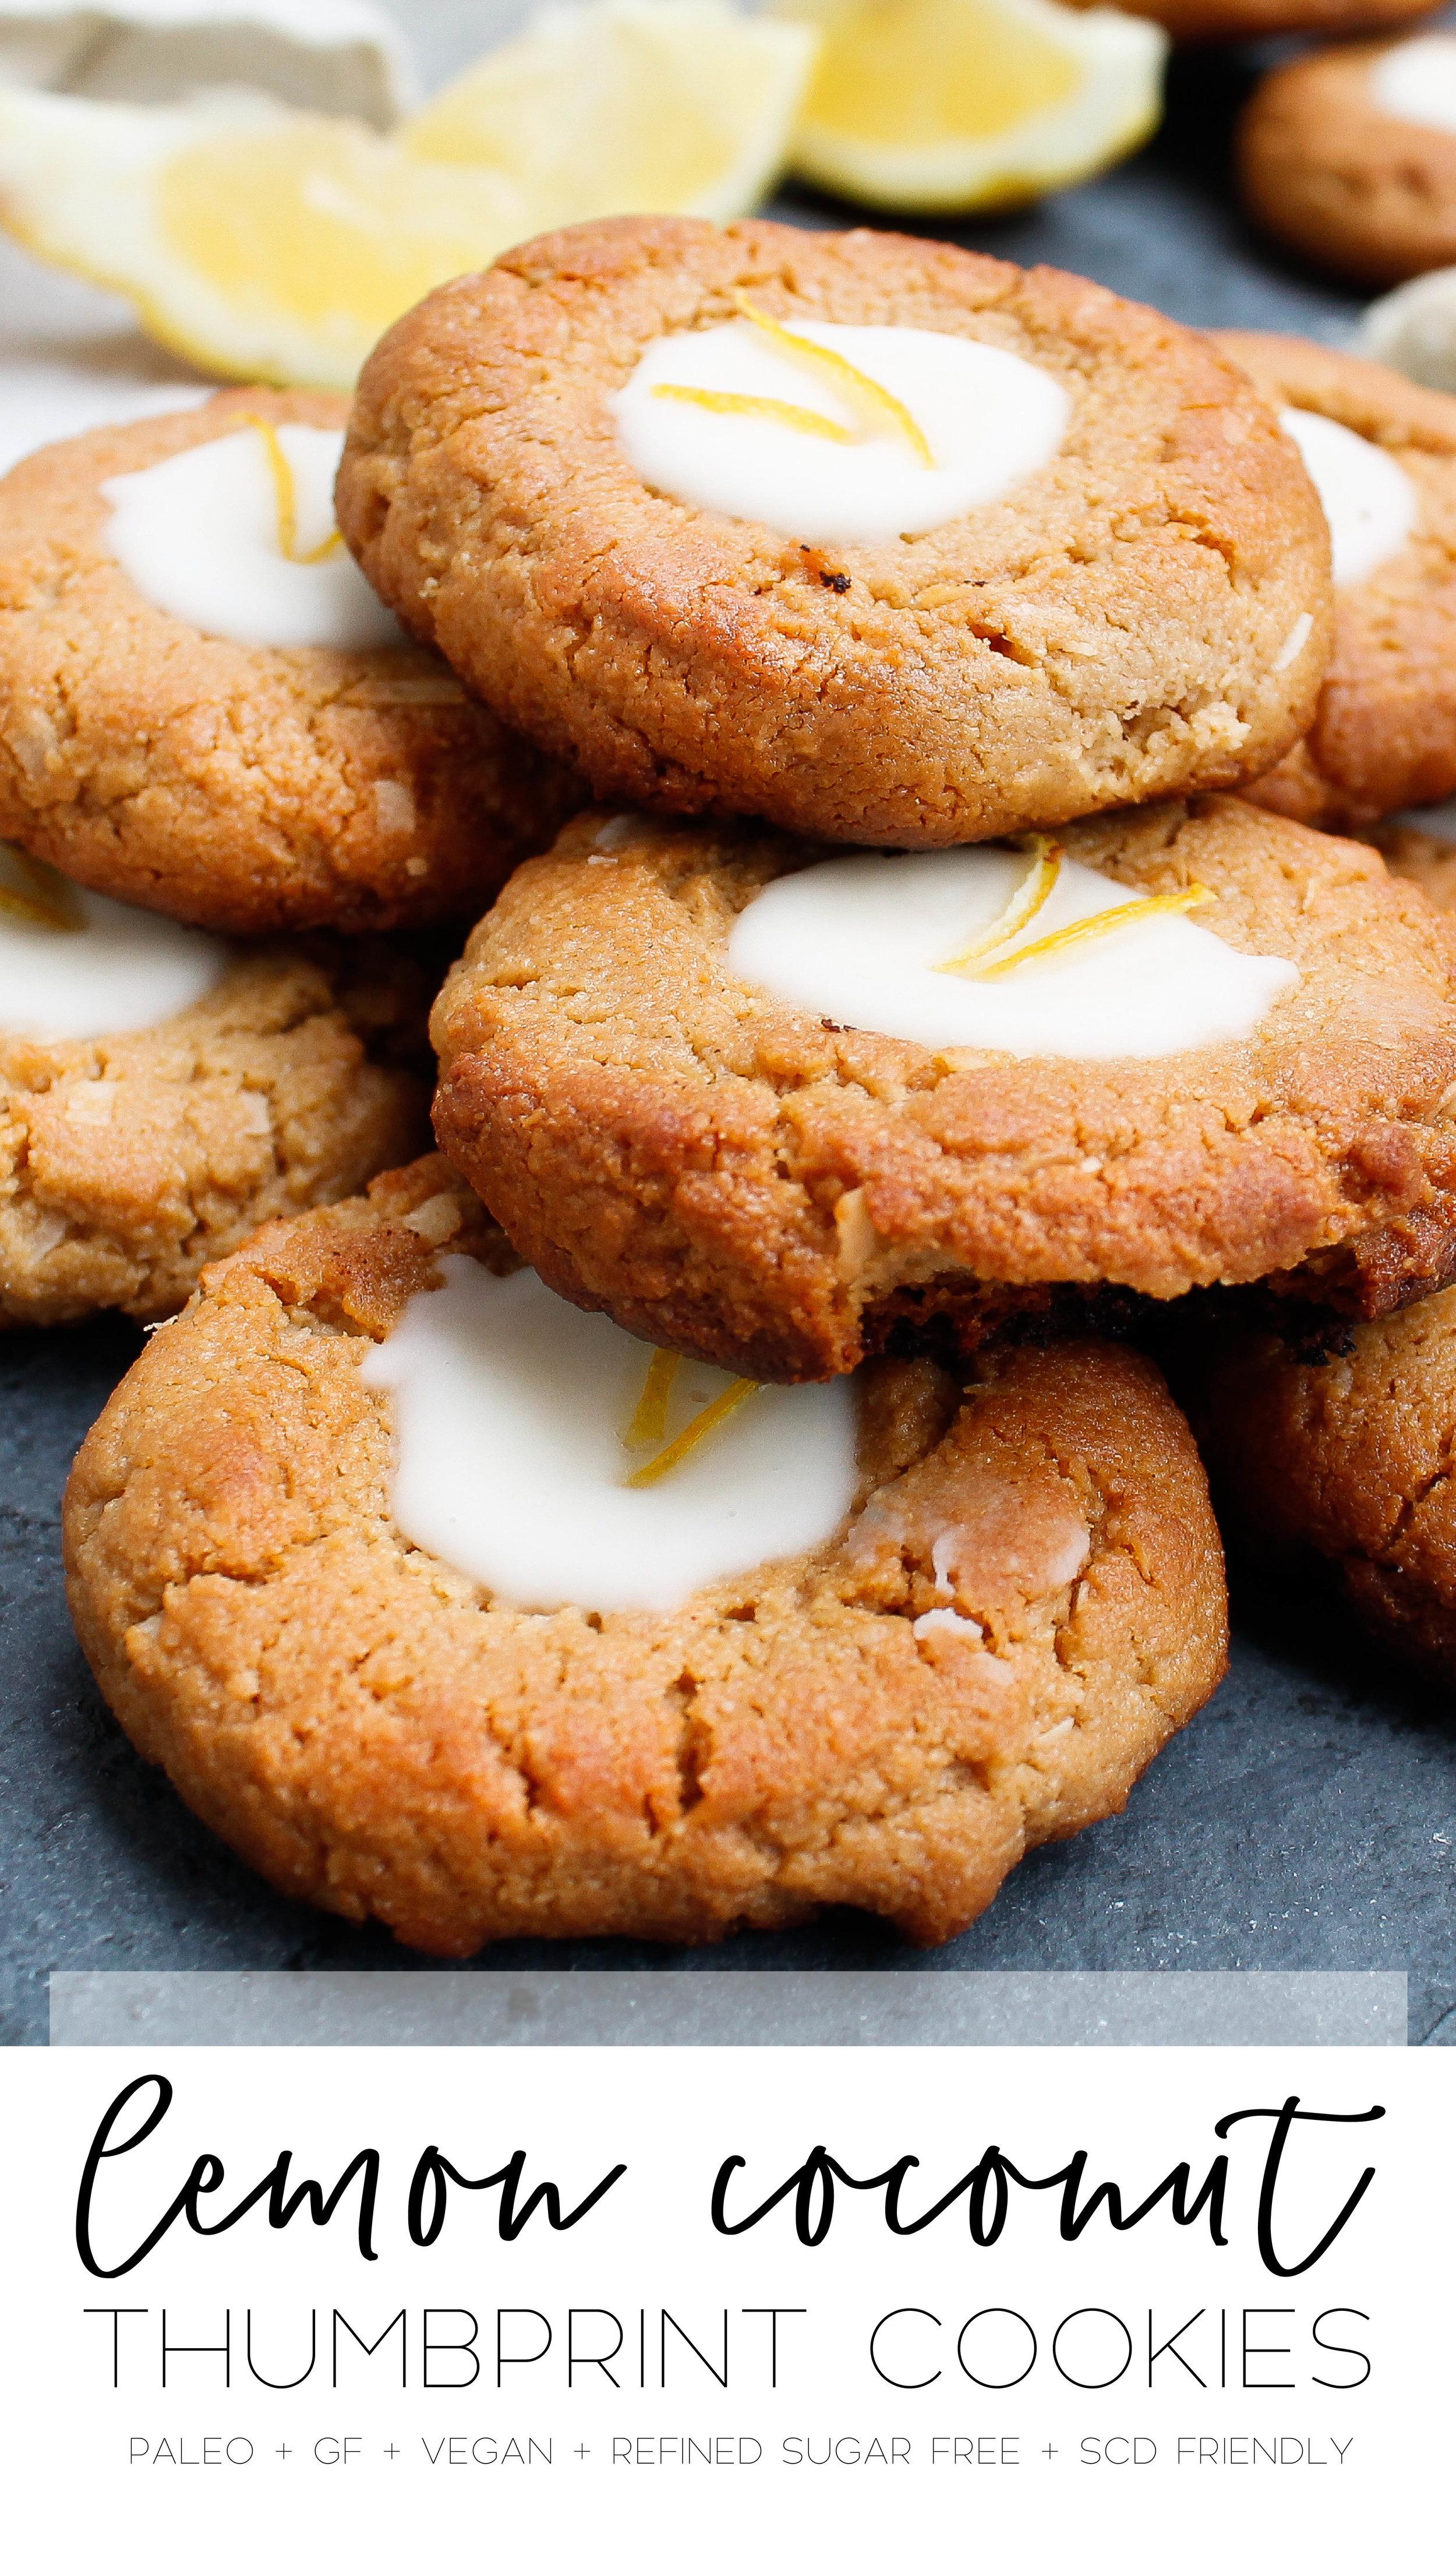 thumbprint cookies2.jpg